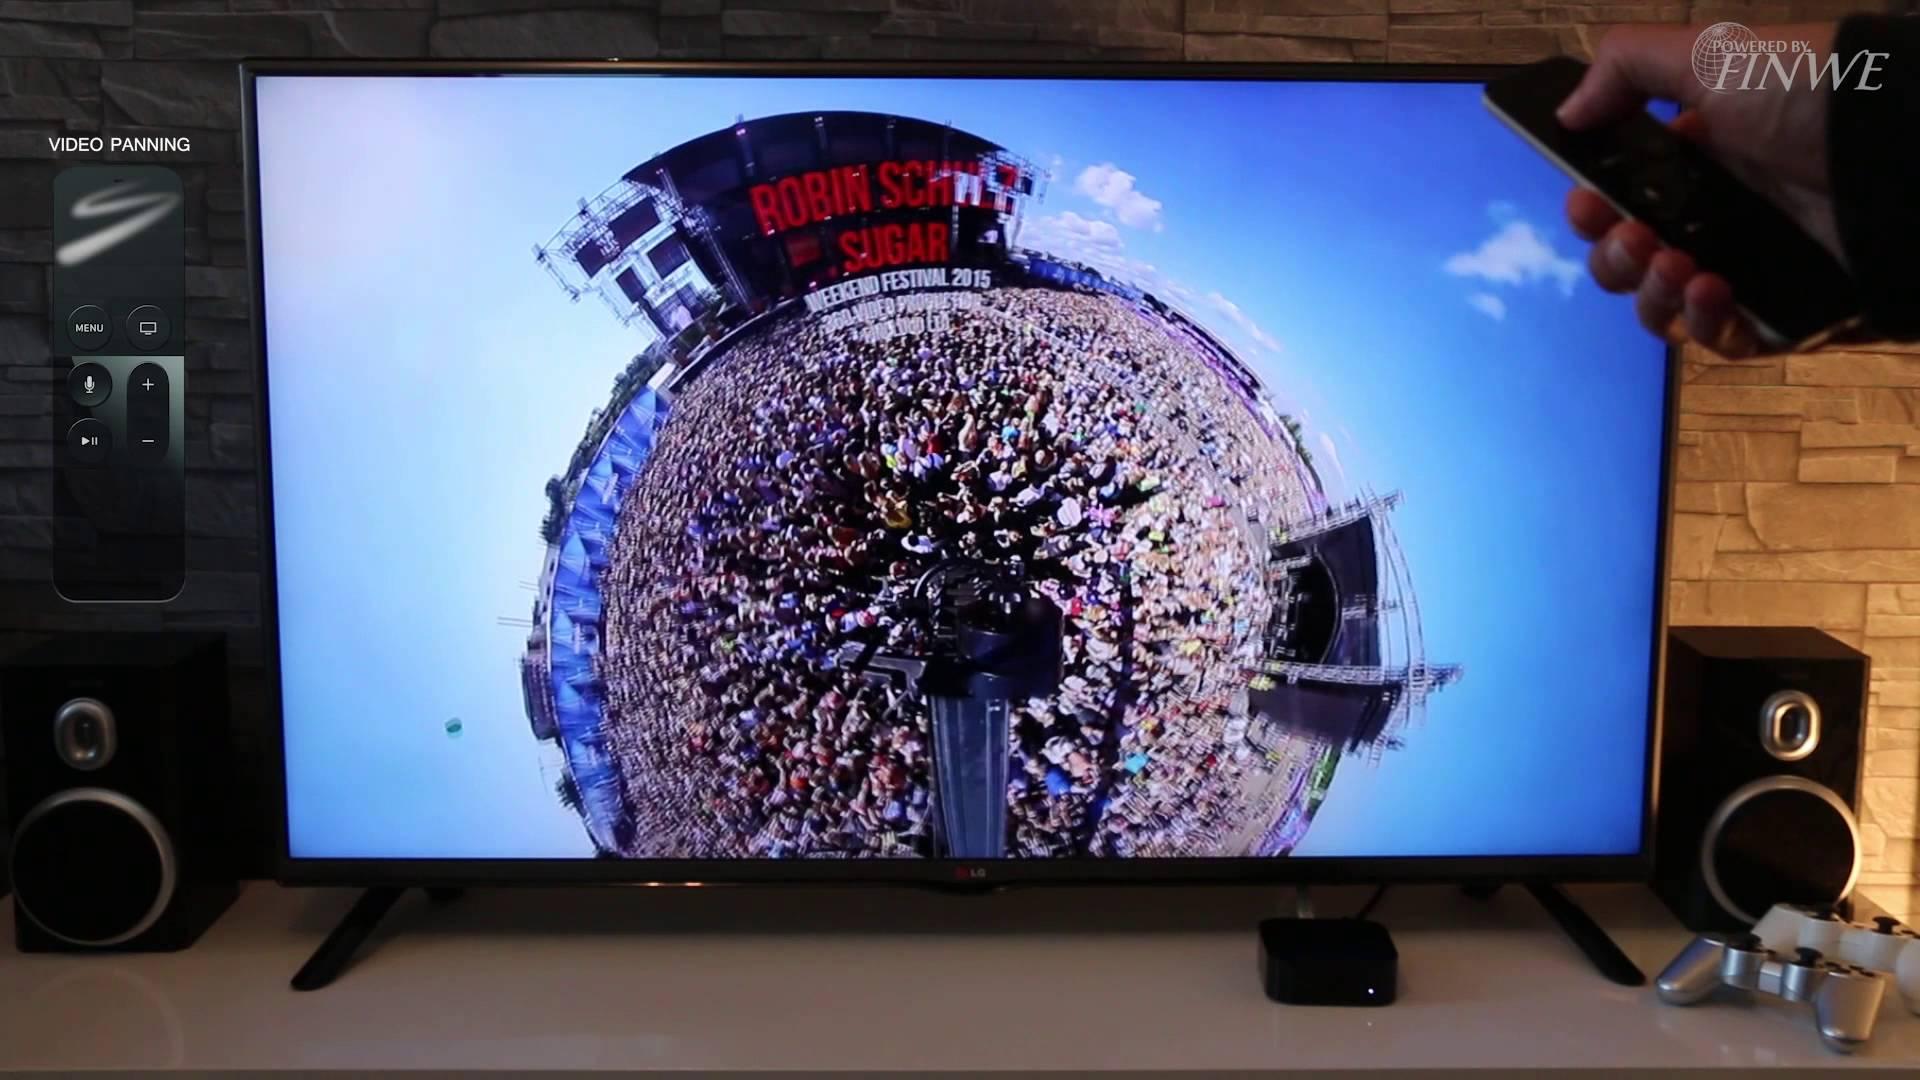 ¡Ya se pueden ver vídeos 360º en TV!